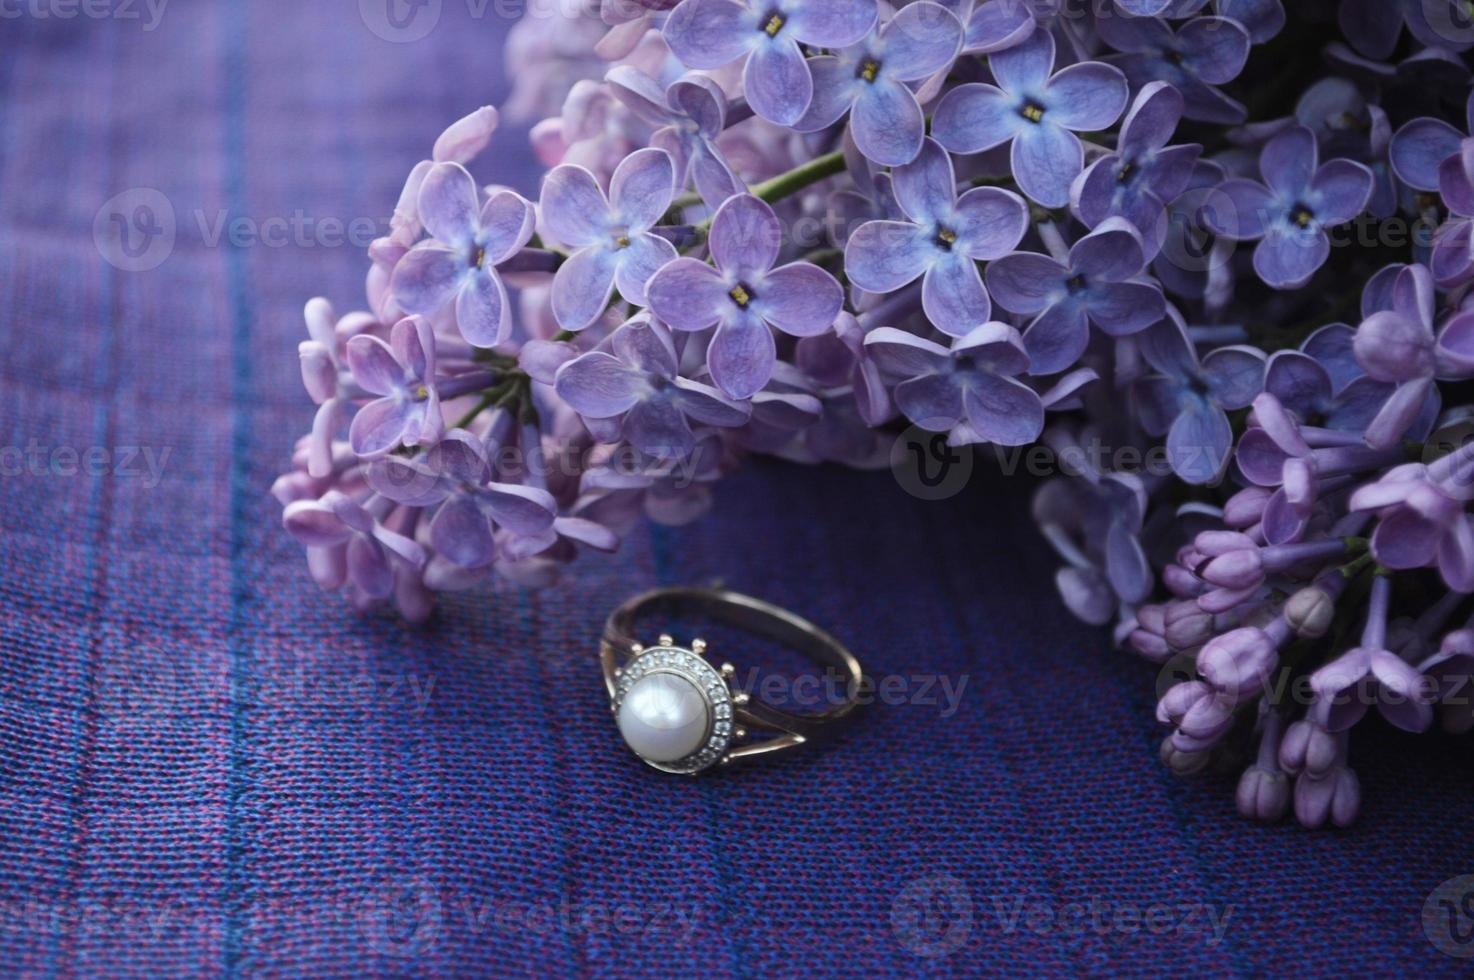 lilás e anel de casamento foto